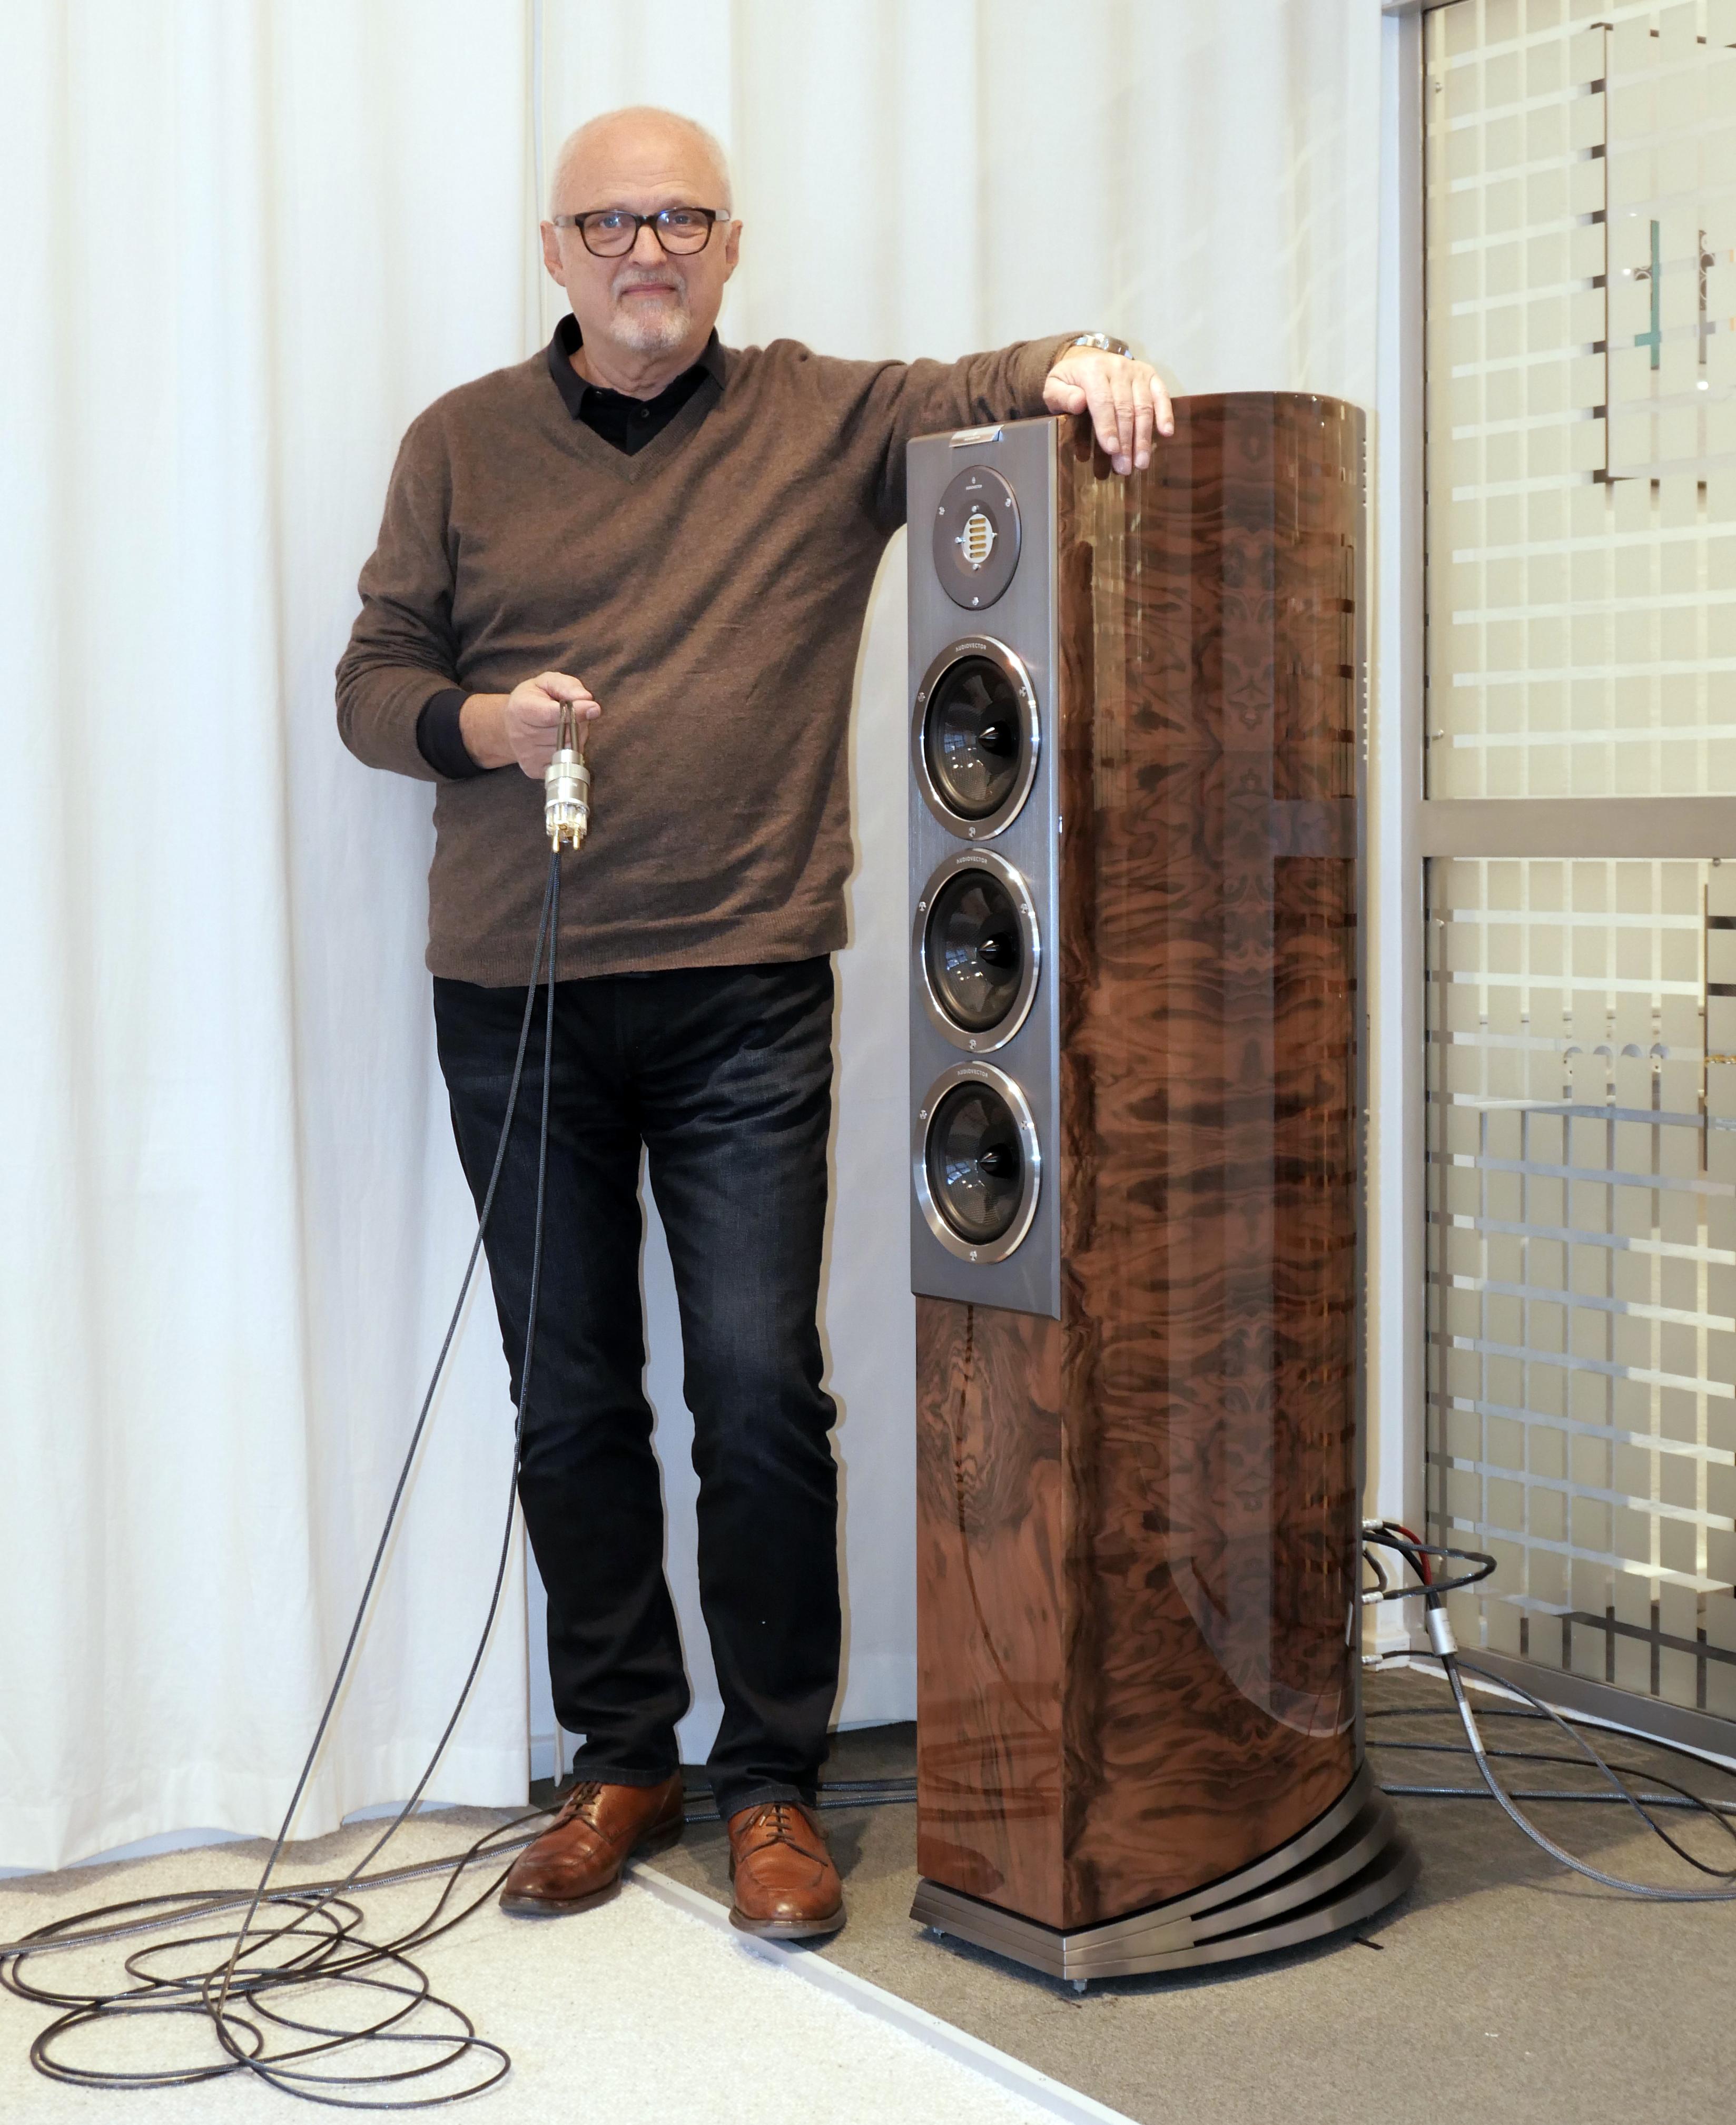 Ole Klifoth med jordkabeln för R8 Arretés Freedom-system. Foto: Lasse Svendsen